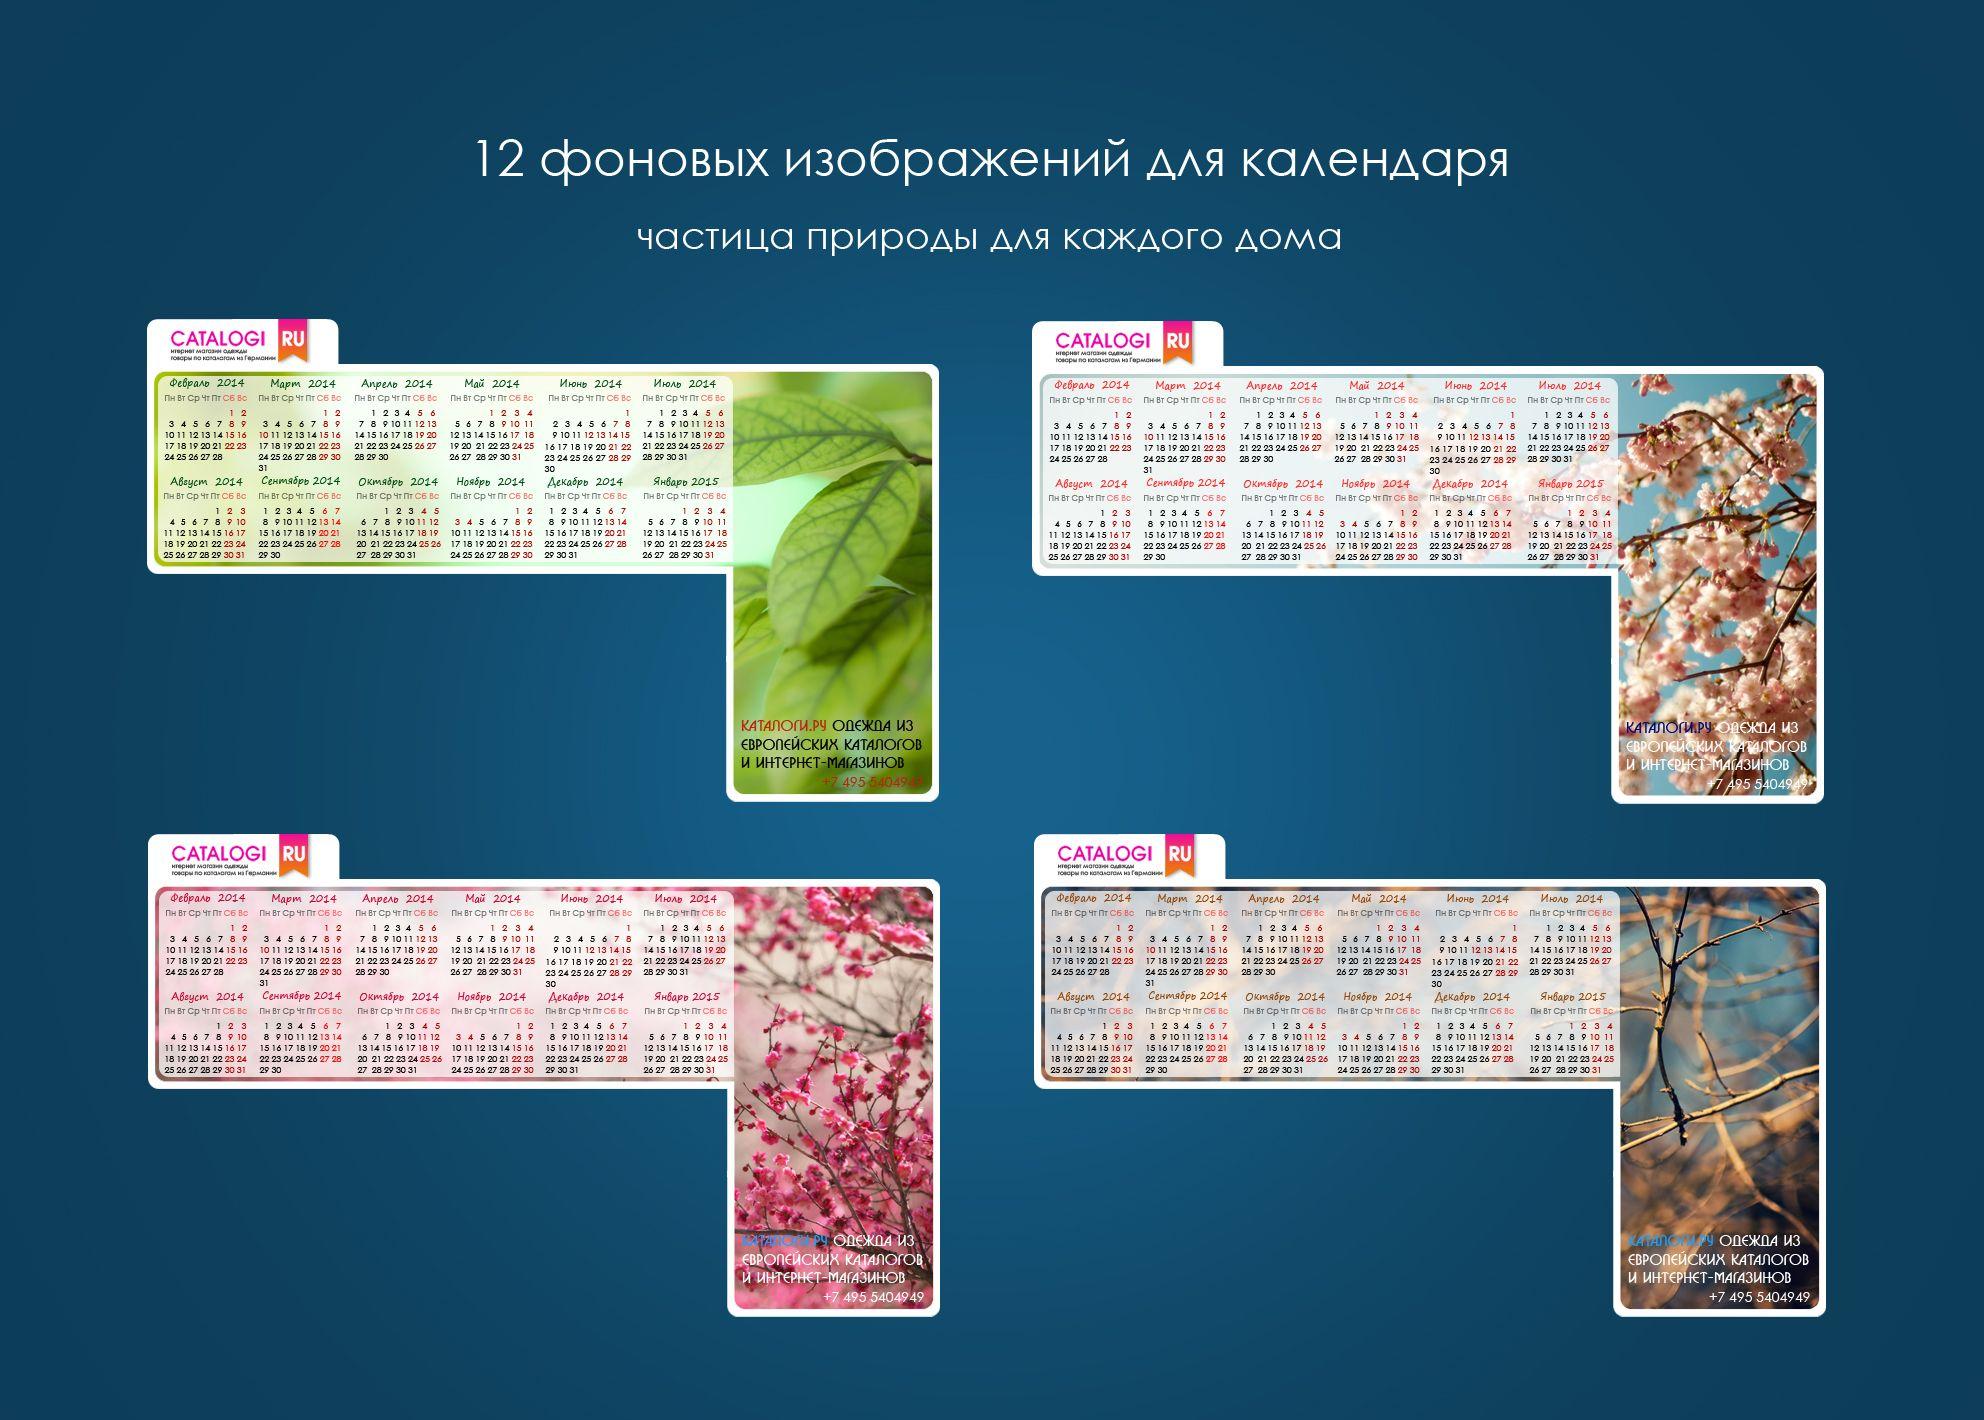 Календарик на монитор Catalogi.ru - дизайнер Erzh2n